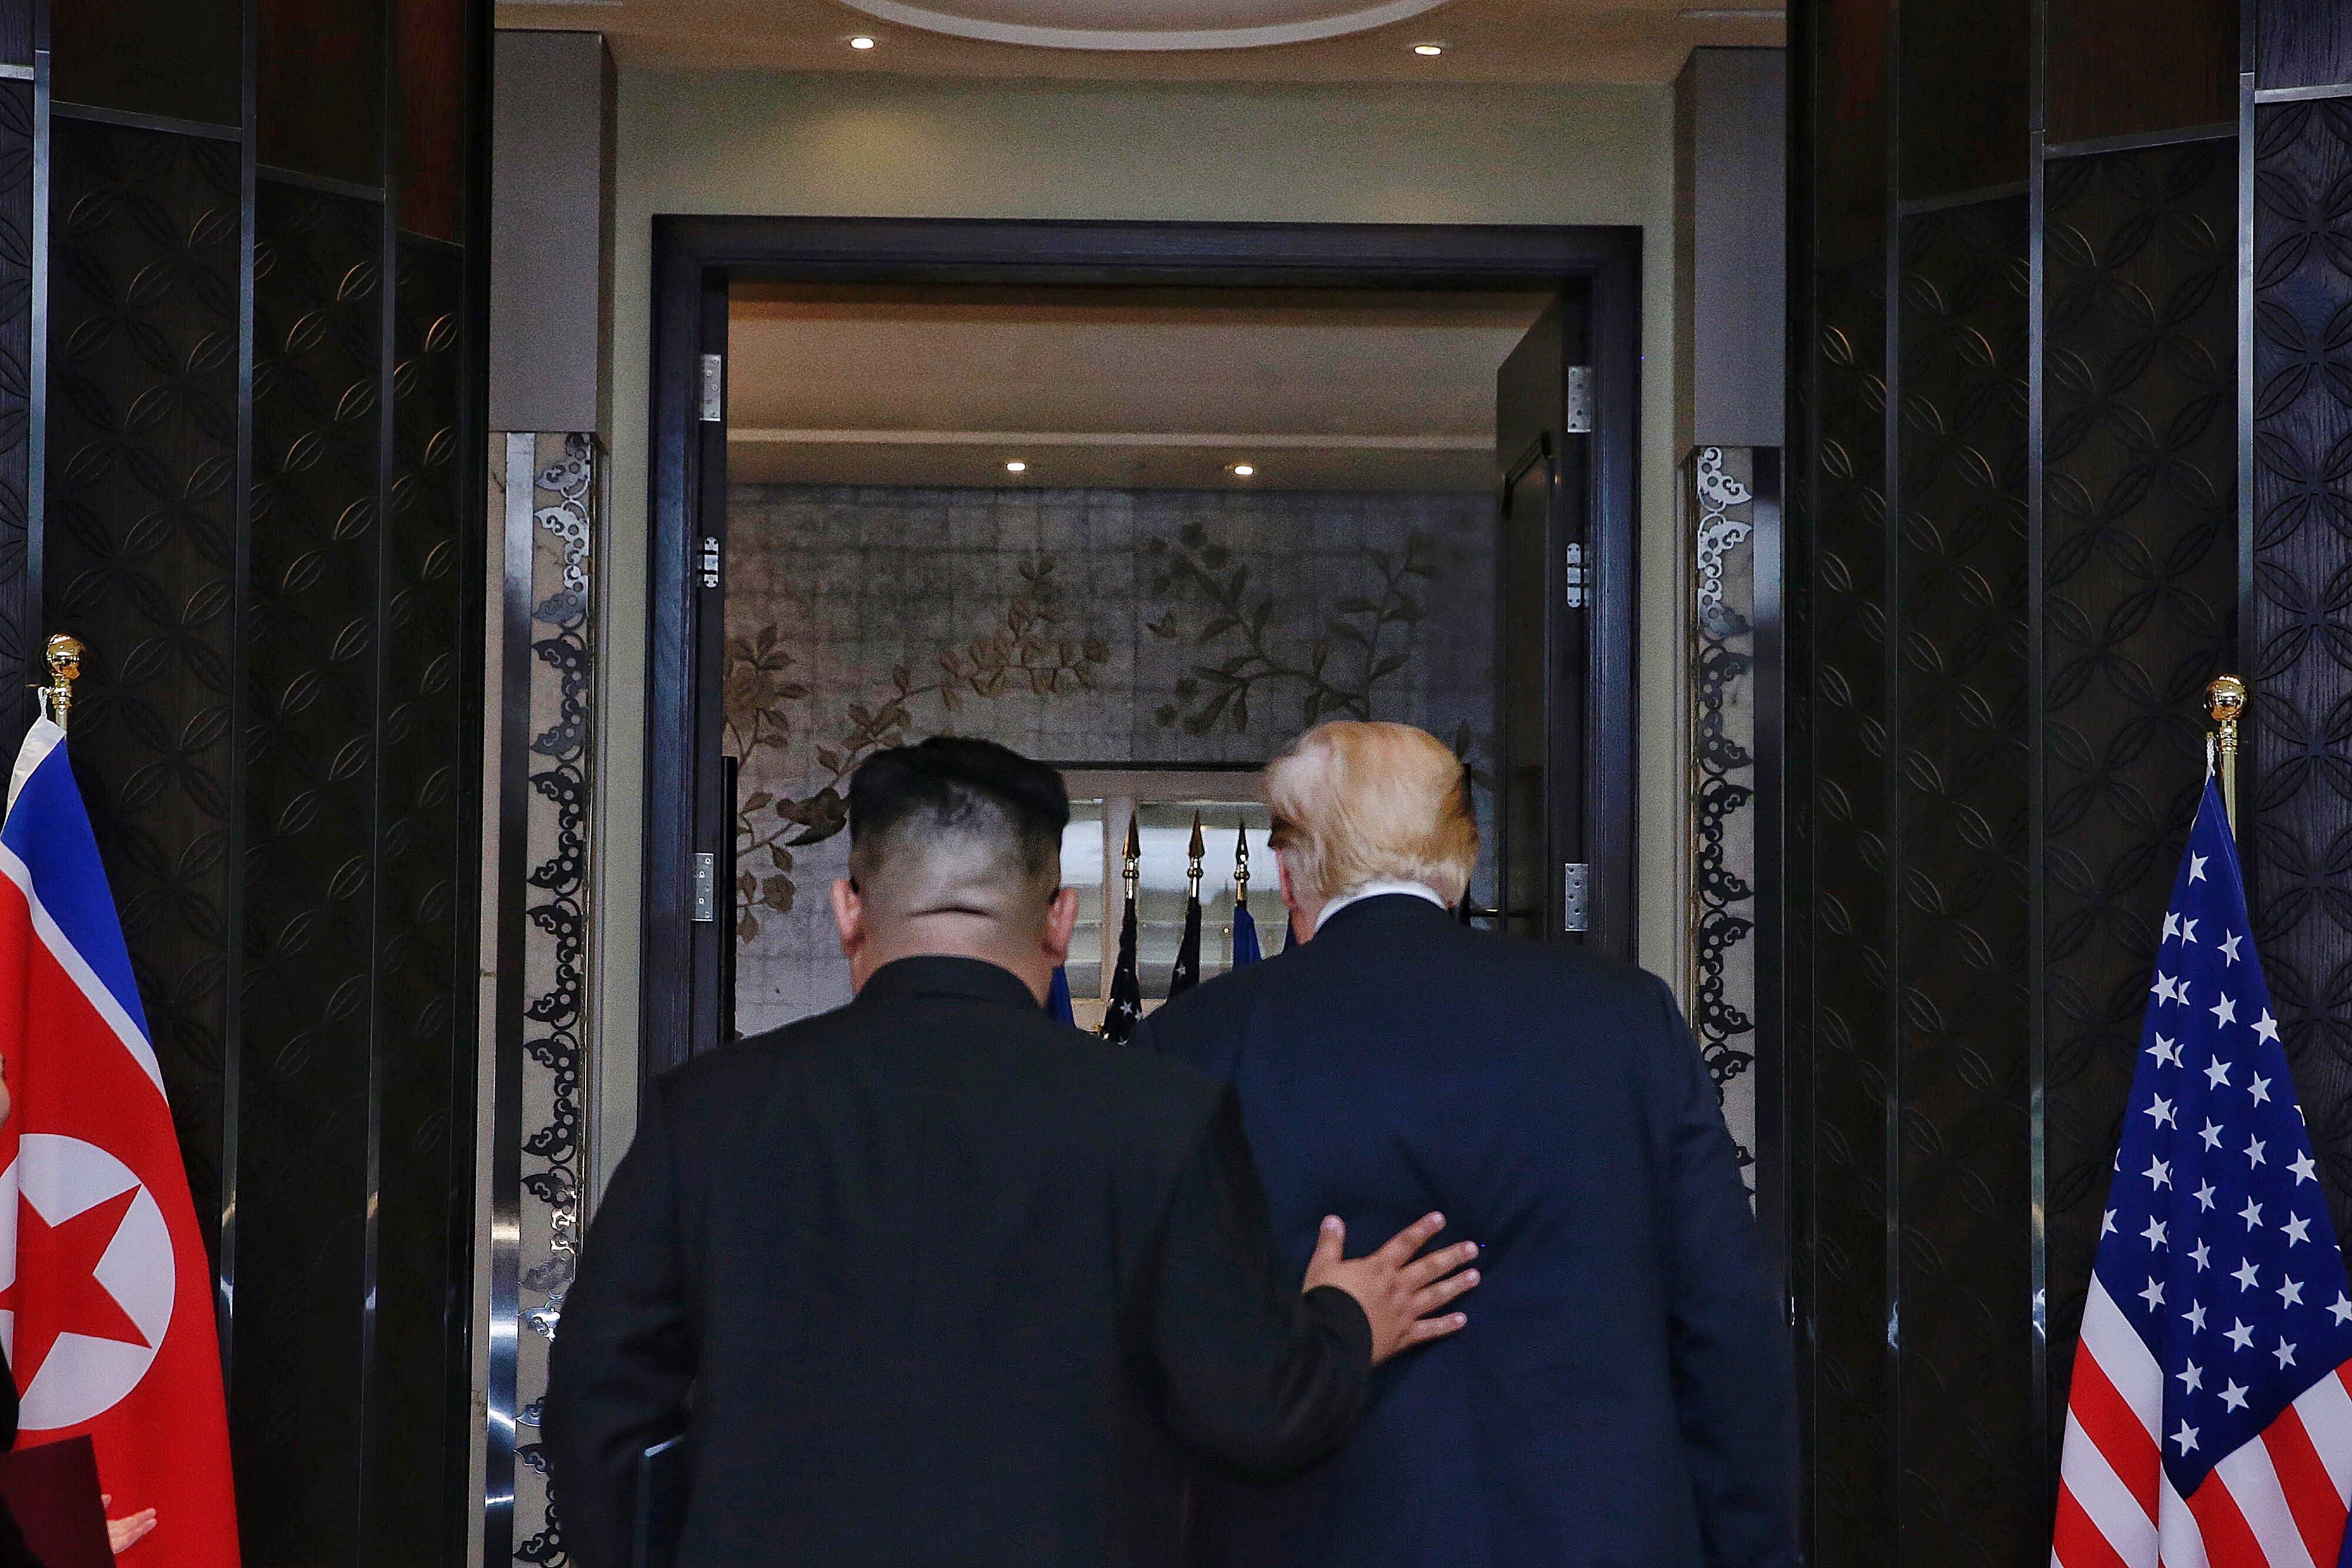 Sie wirken wie gute Freunde: Kim Jong Un begleitet Donald Trump nach der Vertragsunterzeichnung nach draussen. (Bild: EPA/KEVIN LIM)